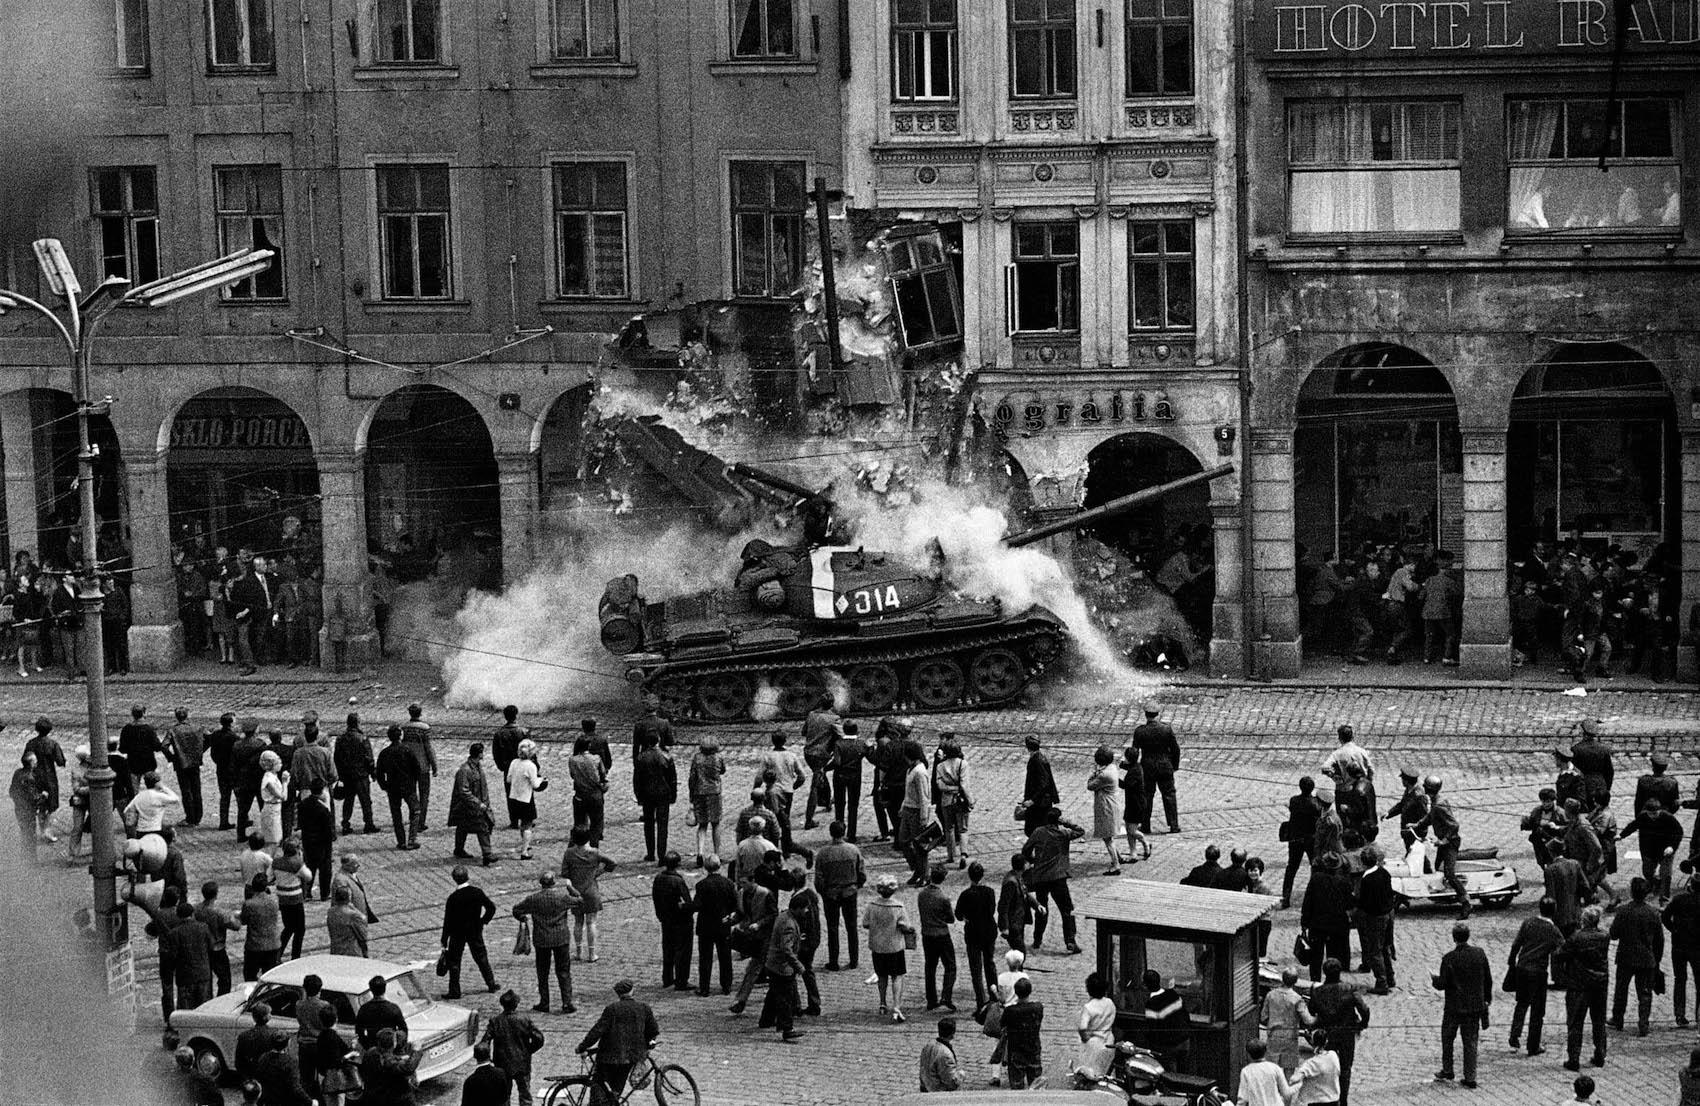 Fot. Václav Toužimský, 1968 (źródło: materiały prasowe organizatora)